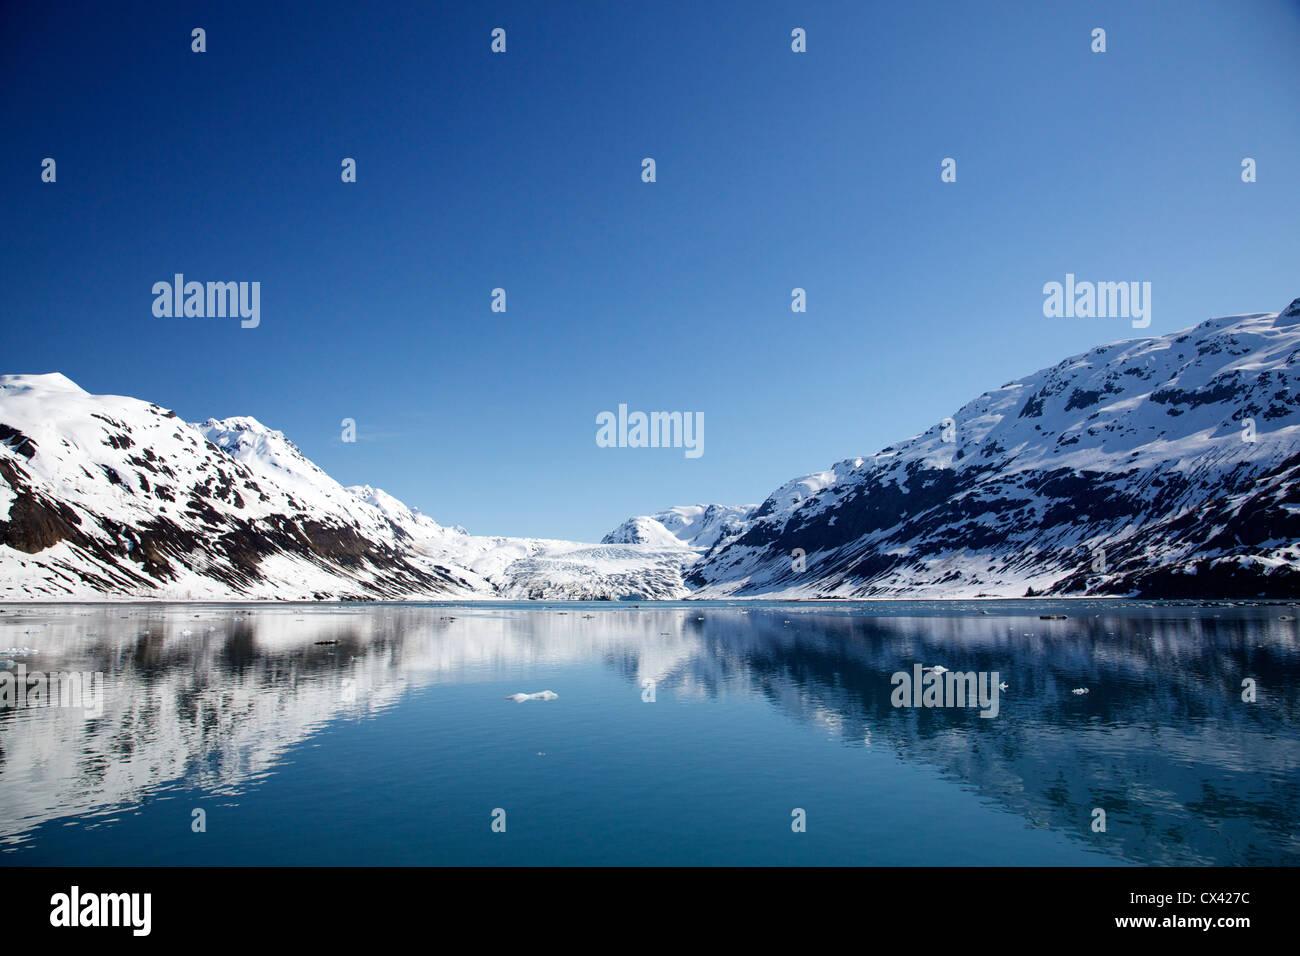 Reid Glacier. Glacier Bay National Park, Alaska. - Stock Image